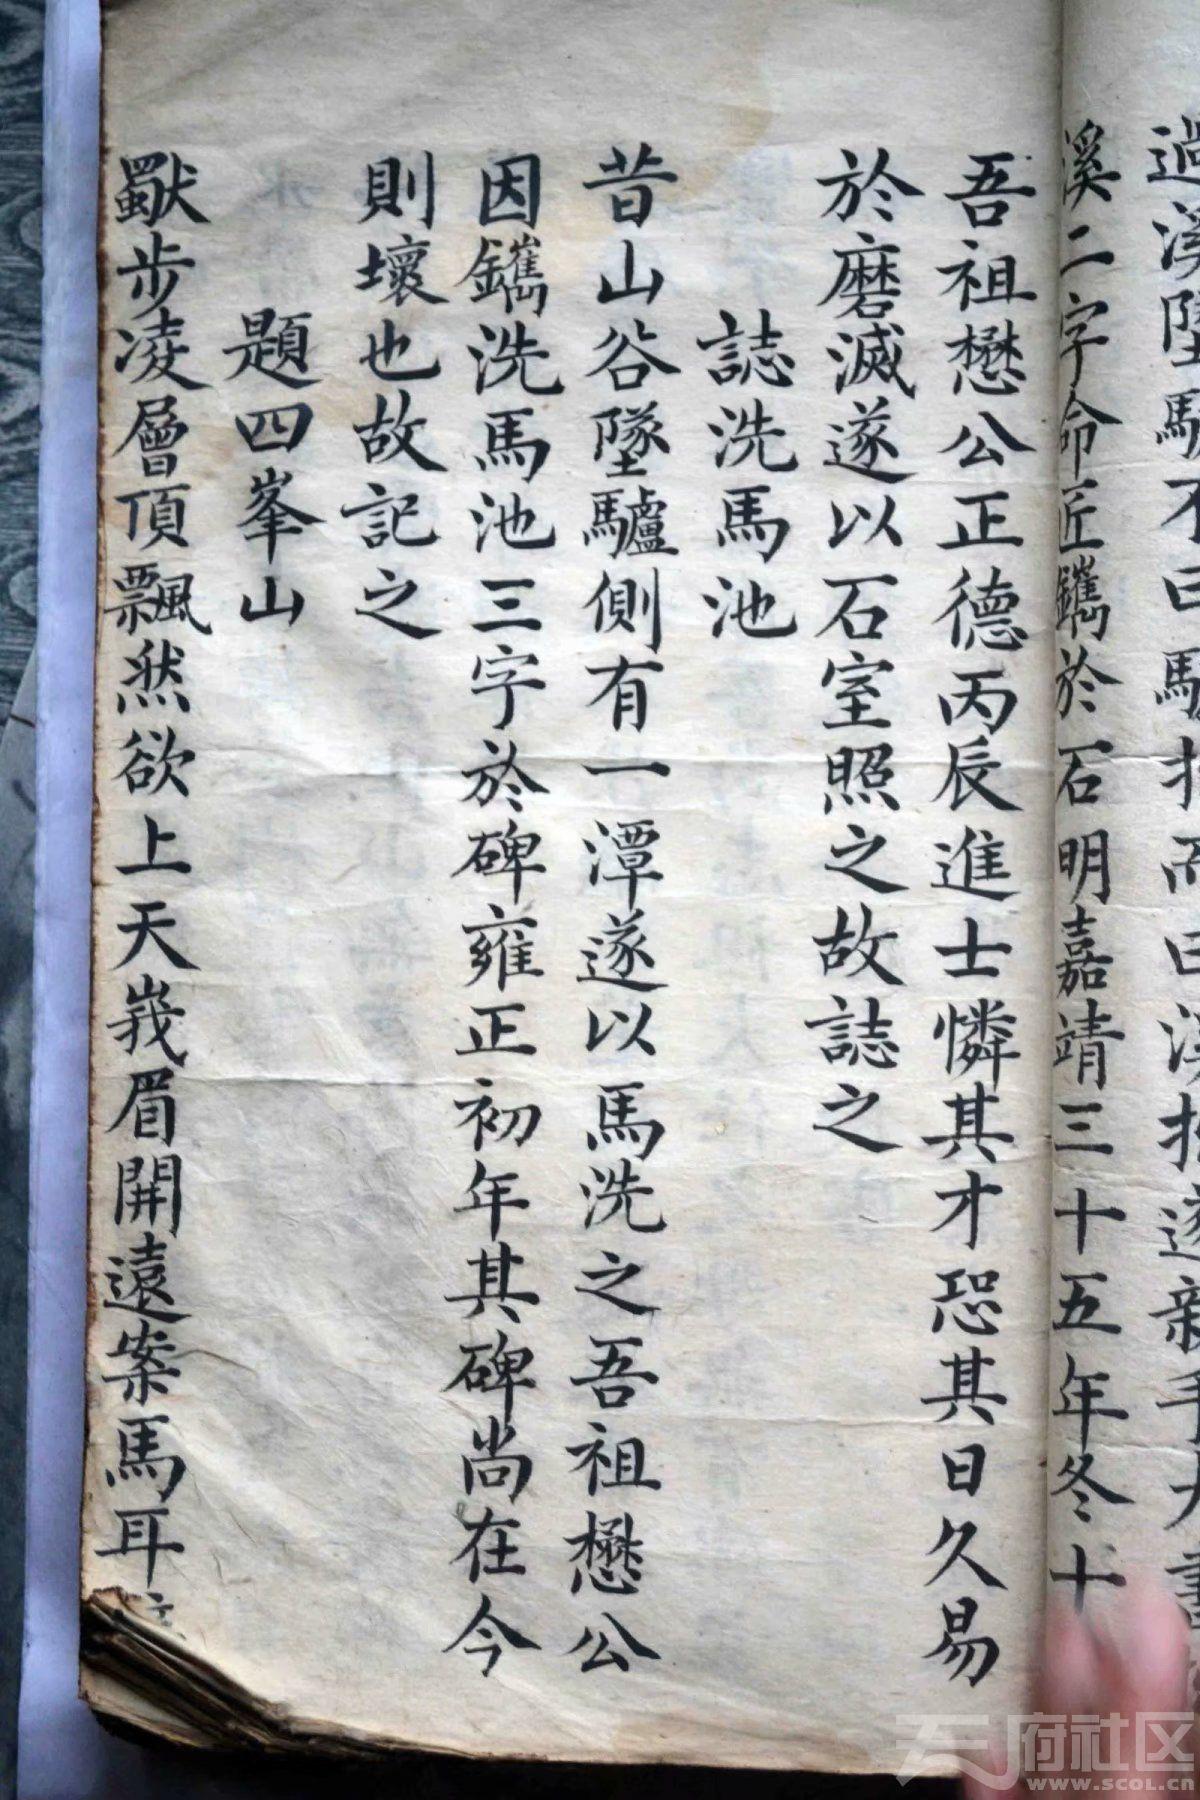 """复制""""拙溪""""石刻时间为嘉靖三十五年十月【即1556年】psb2.jpg"""